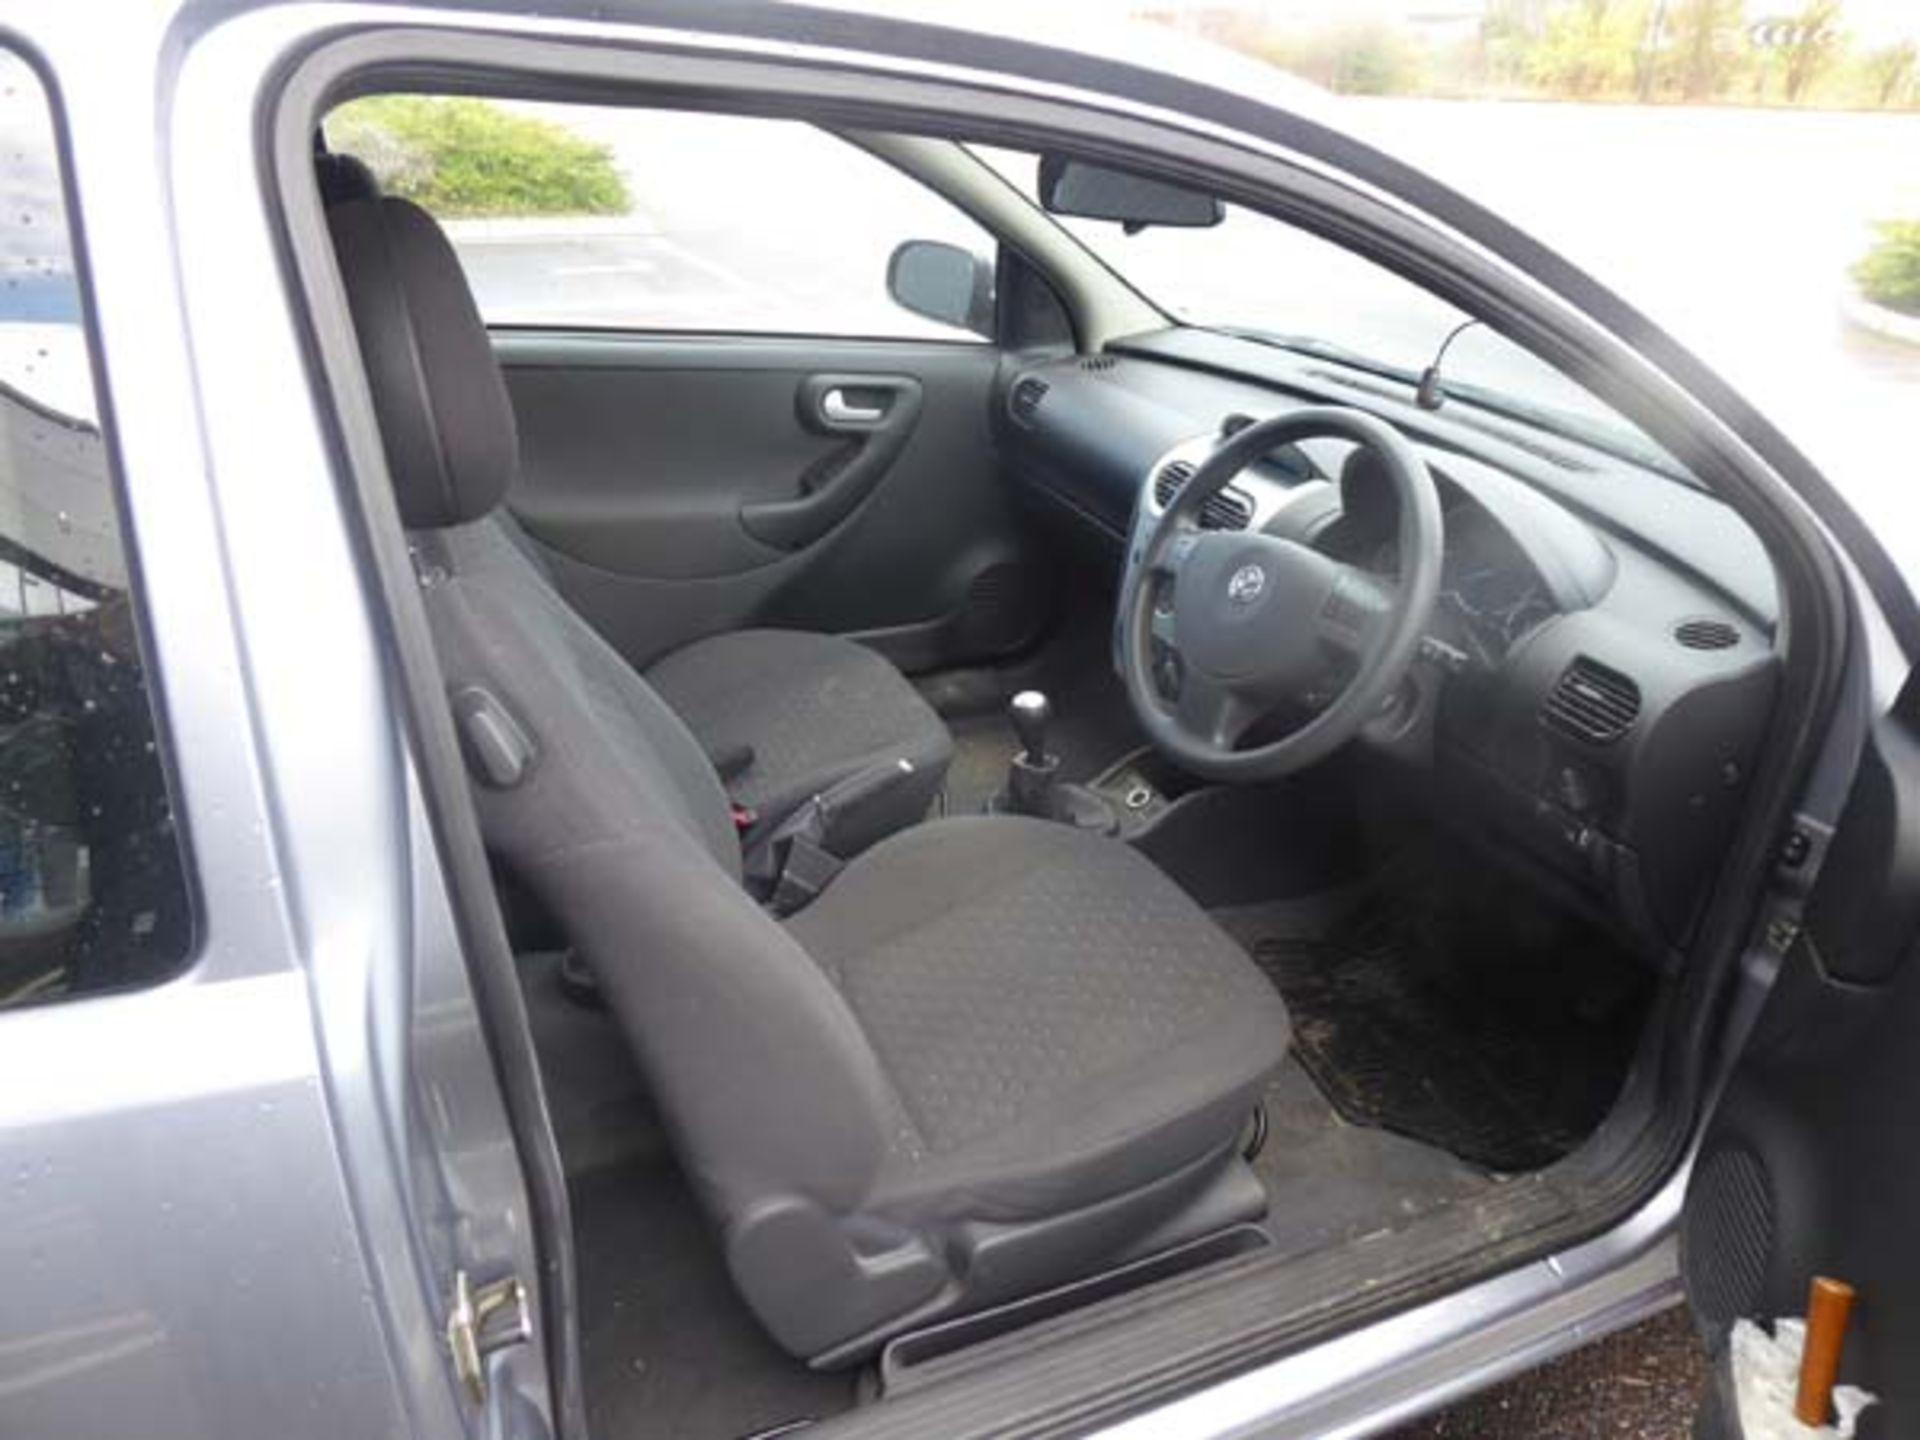 KL53 KTA (2003) Vauxhall Corsa Active 16V, 3 door hatchback, 1199cc, petrol, in silver, 39'044 - Image 10 of 12